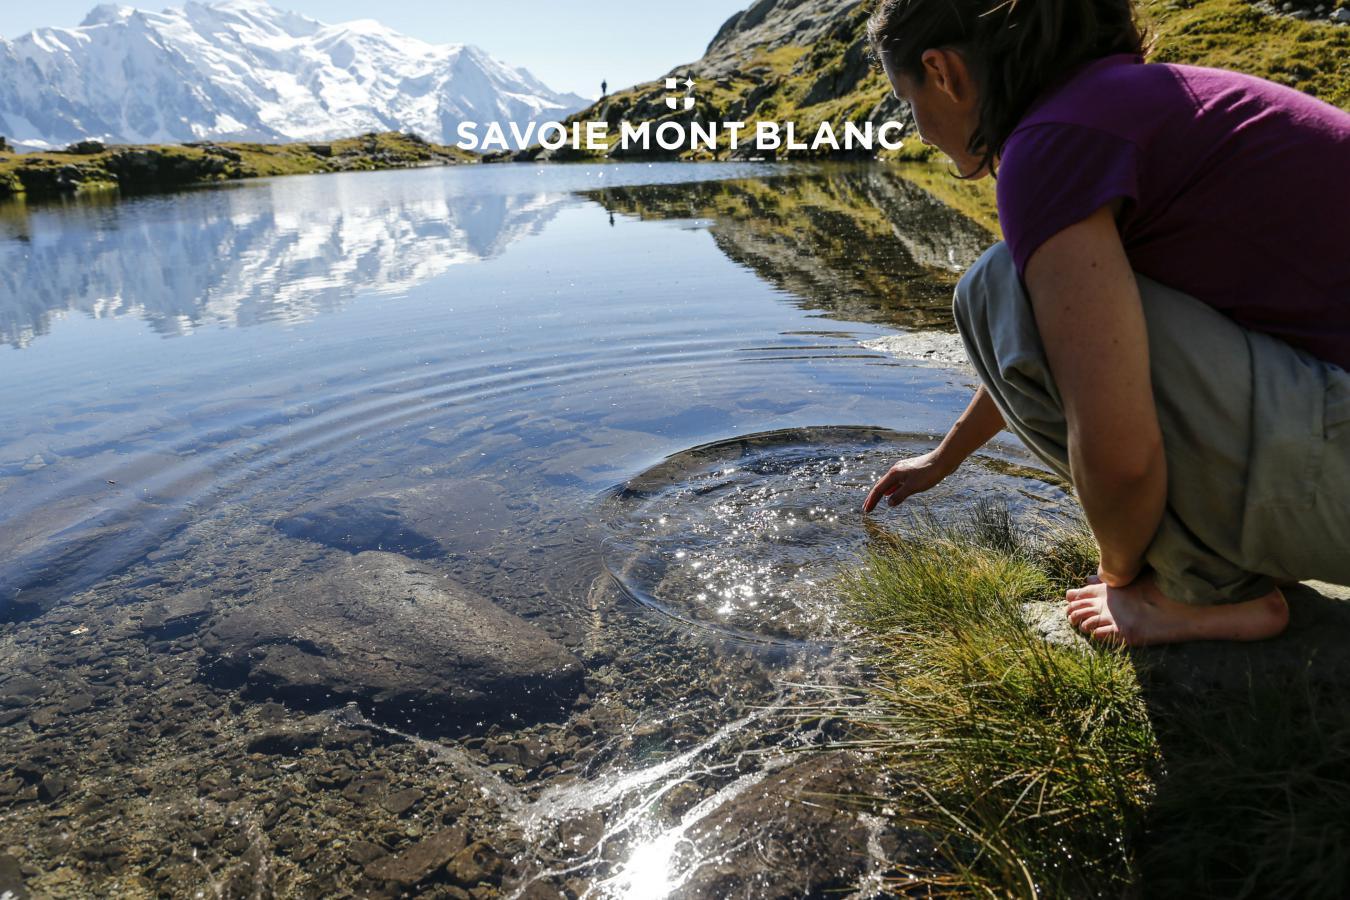 Ressourcez-vous en Savoie Mont Blanc cet été !